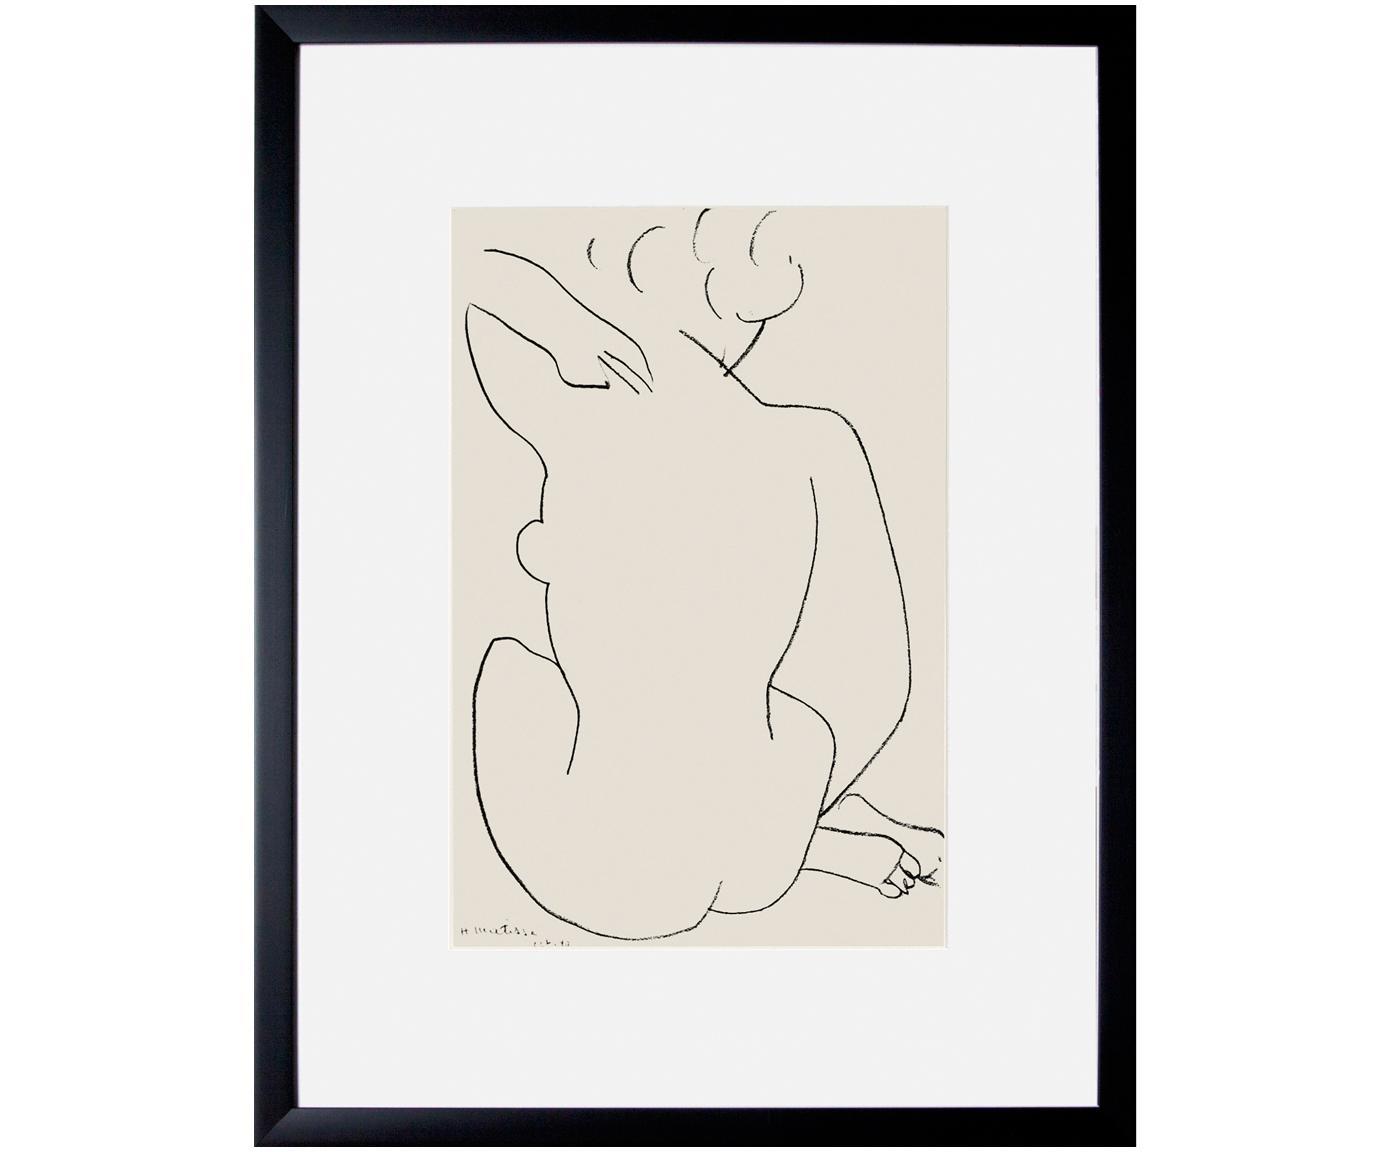 Stampa digitale incorniciata Matisse: Nu Accroupi, Immagine: stampa digitale, Cornice: telaio in materiale sinte, Multicolore, L 43 x A 60 cm